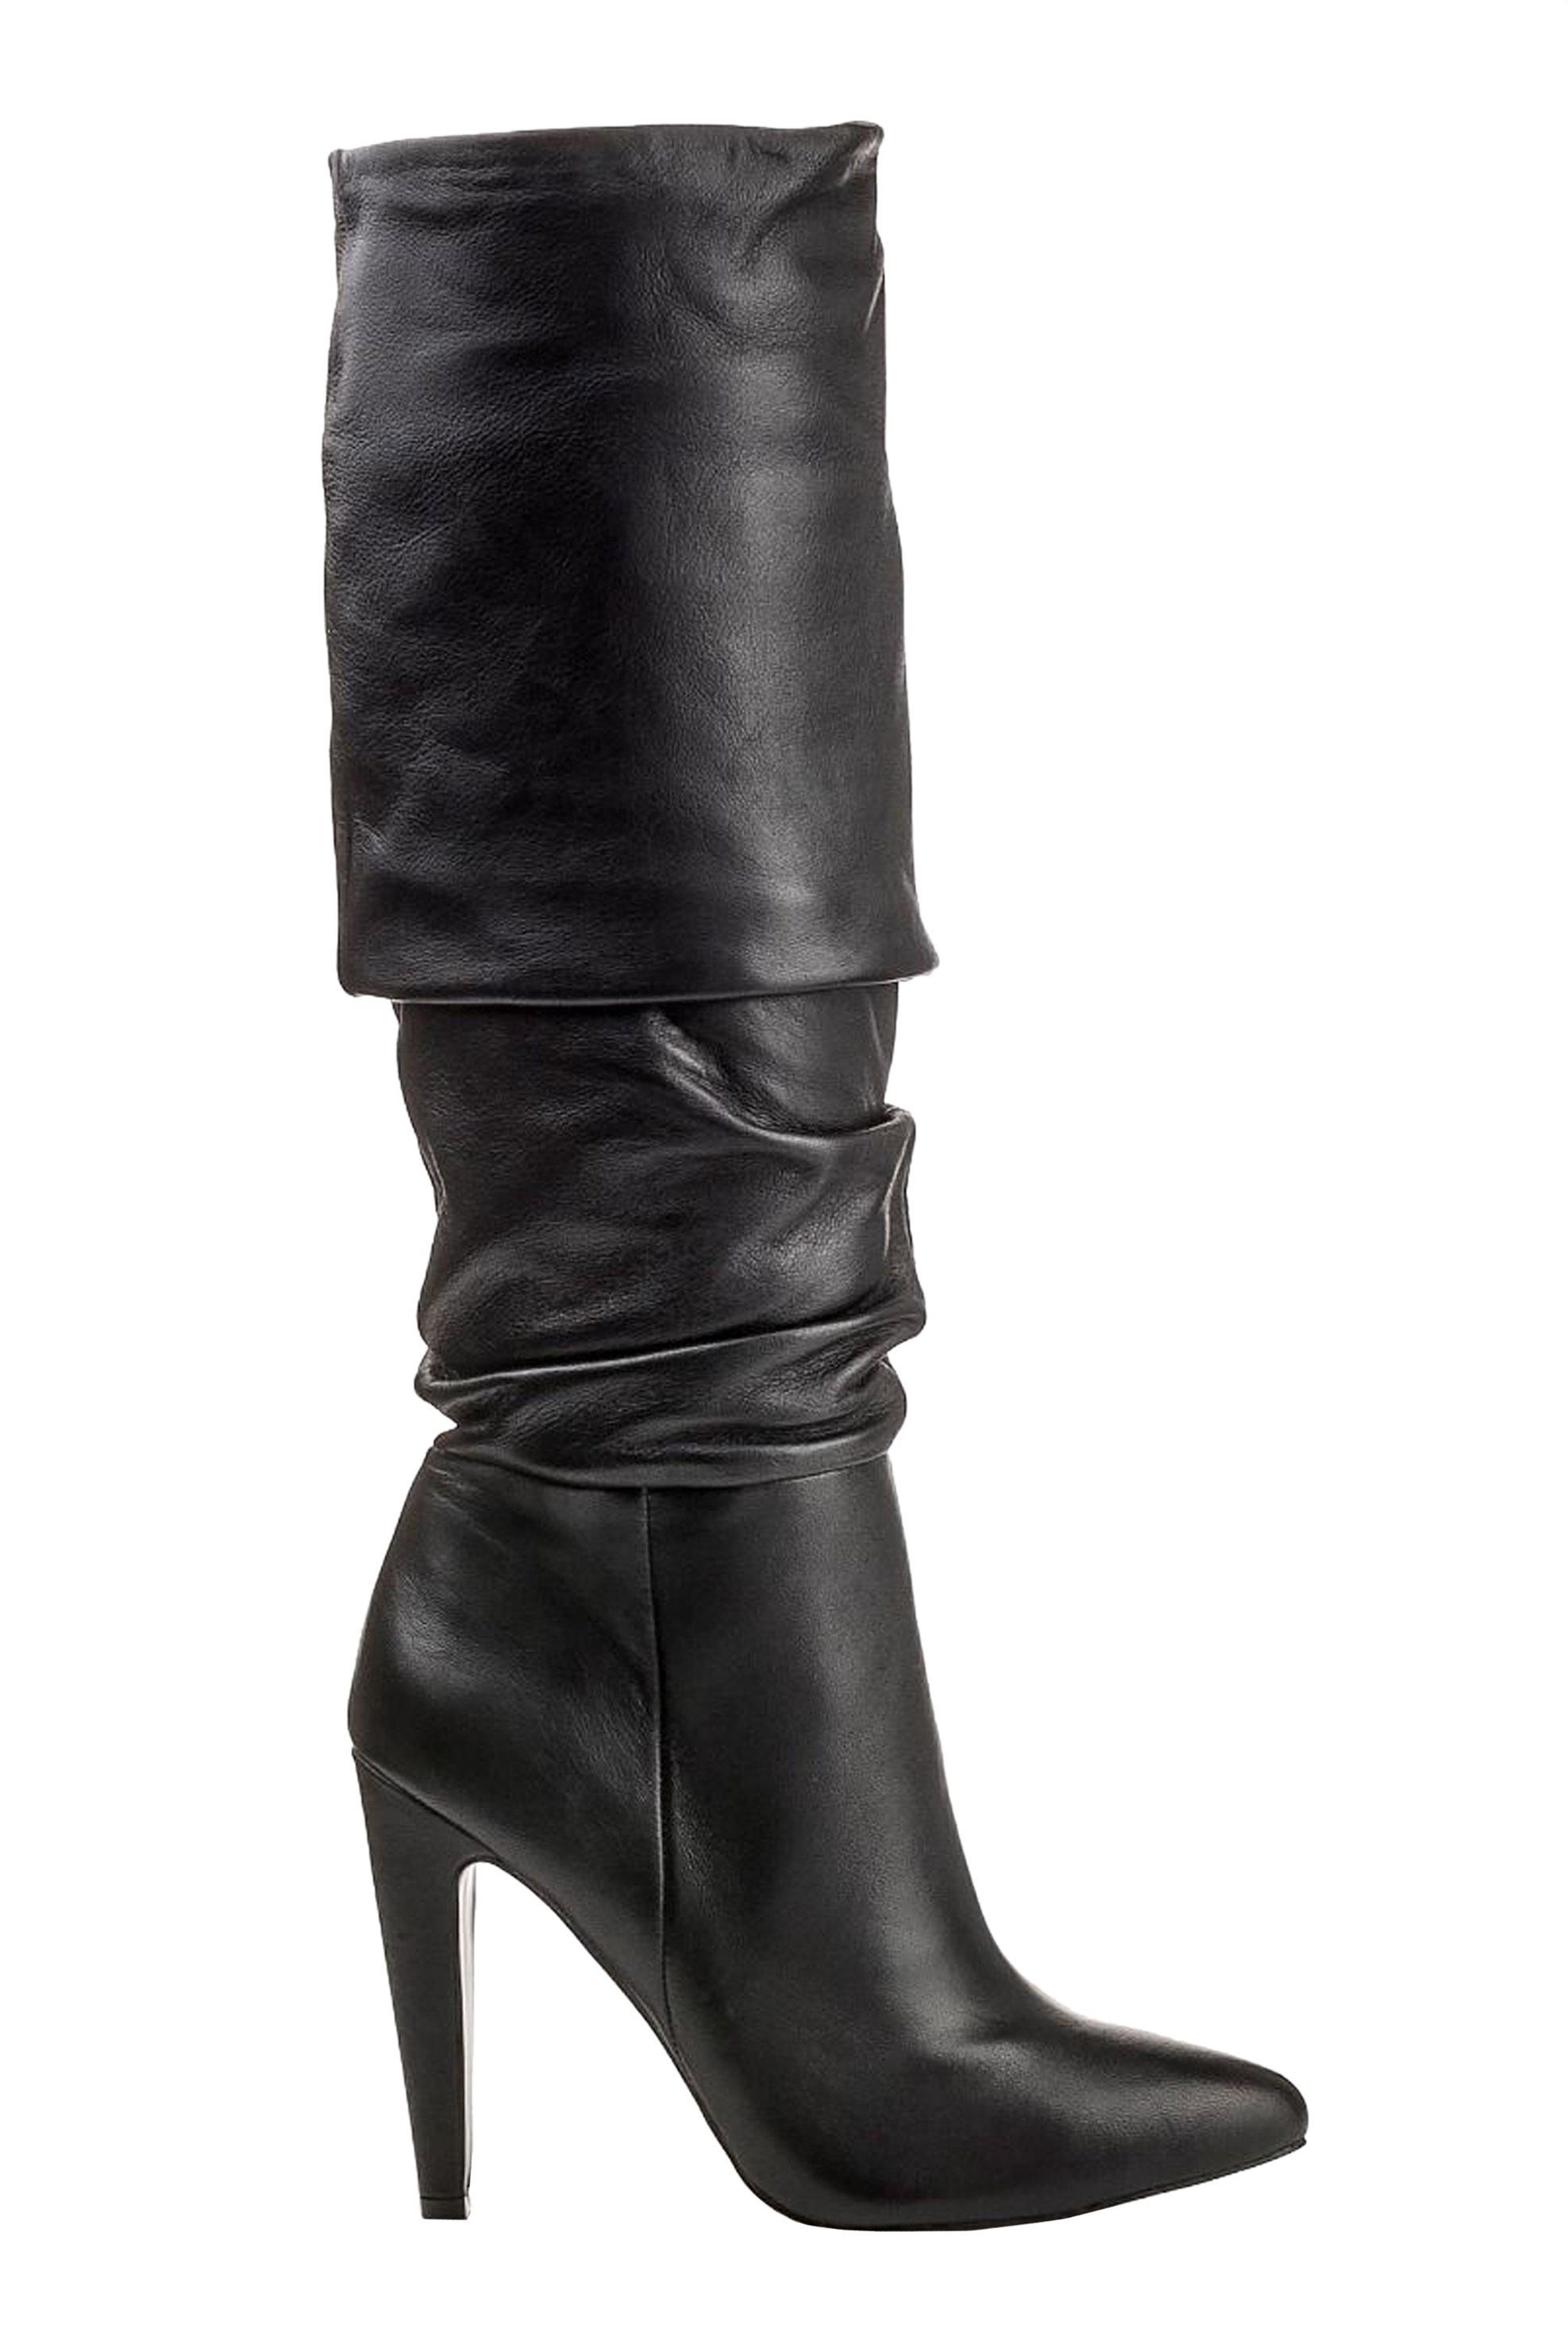 Steve Madden γυναικεία δερμάτινη μποτά CARRIE – 218744-CARRIE(LT) – Μαύρο